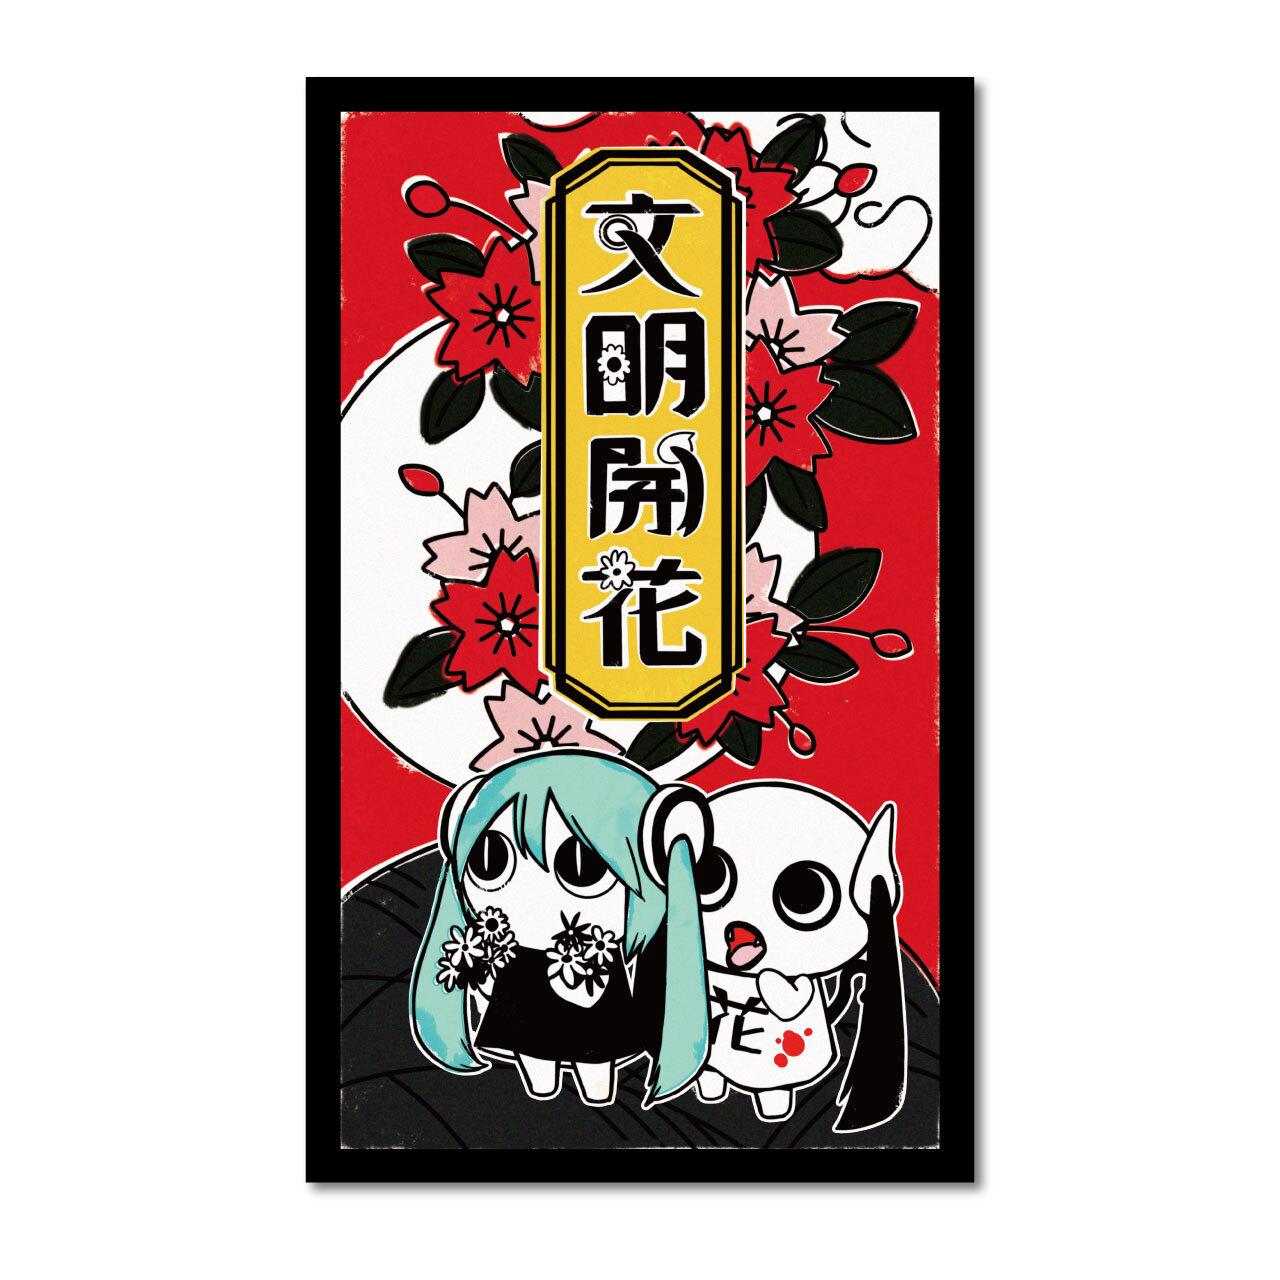 ピノキオピーベストアルバム寿リリースパーティ「文明開花」メッセージカード - 画像1